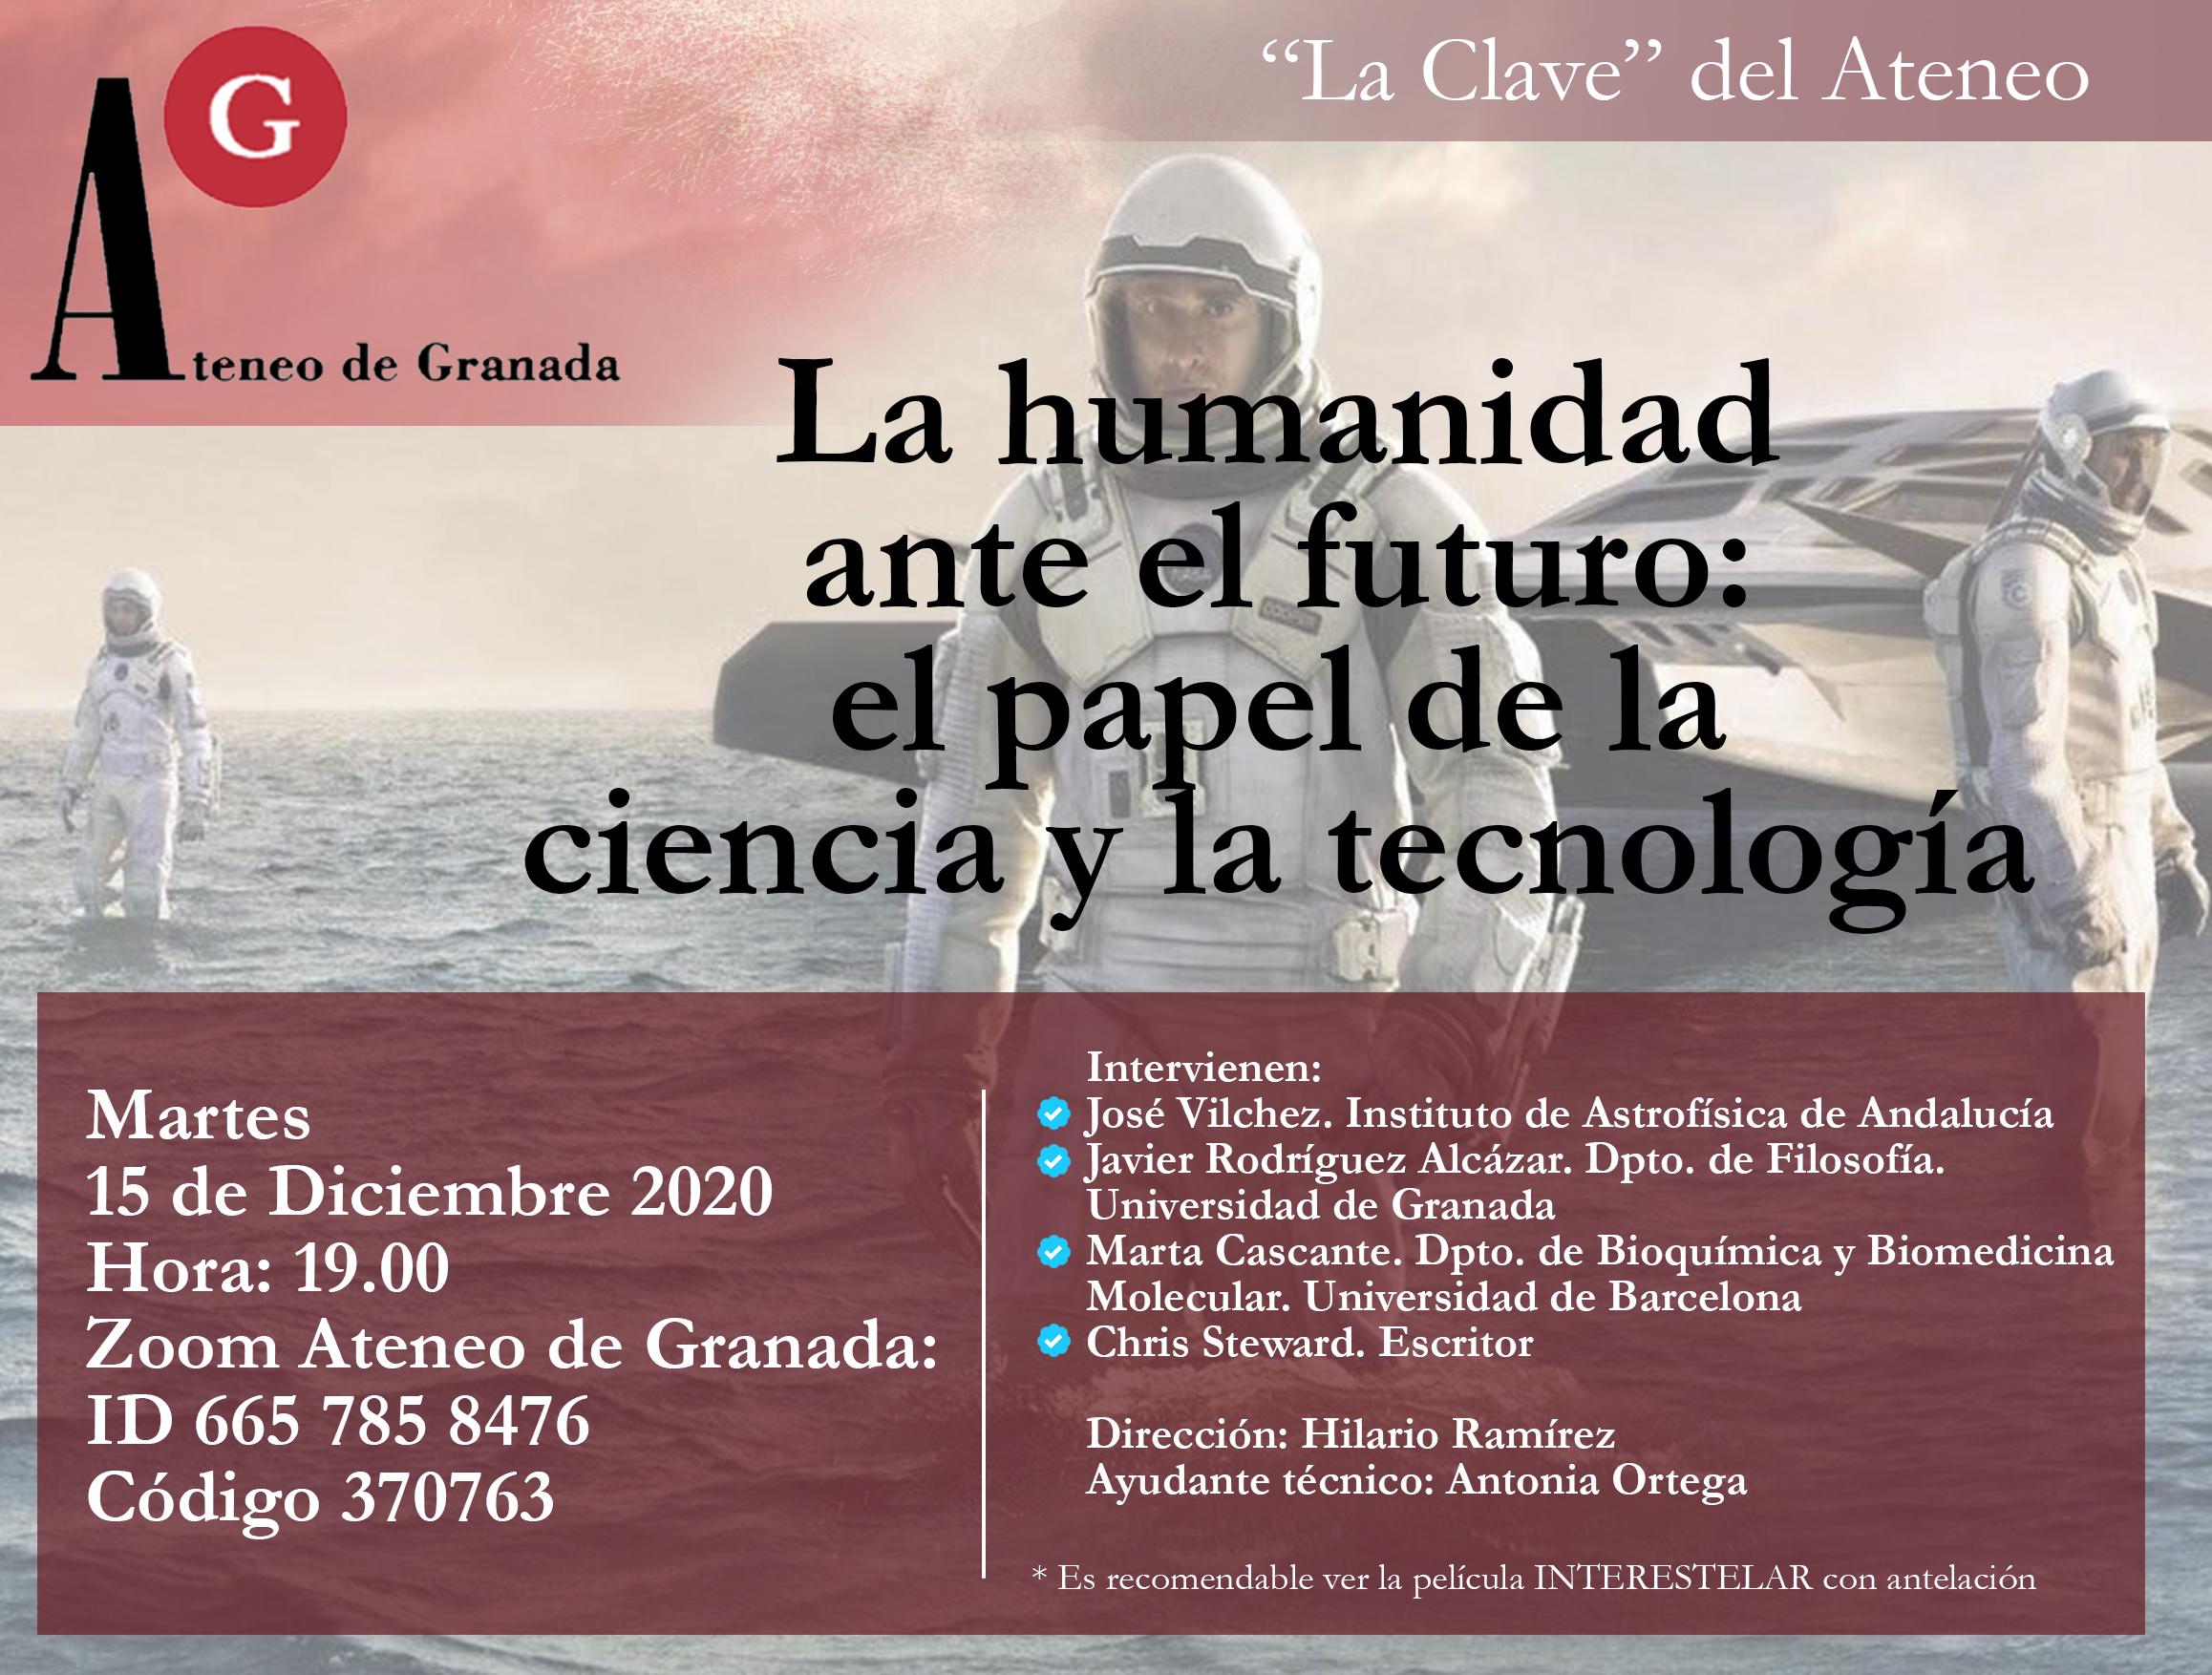 La Clave del Ateneo | Interestelar. La humanidad ante el futuro. El papel de la ciencia y tecnología